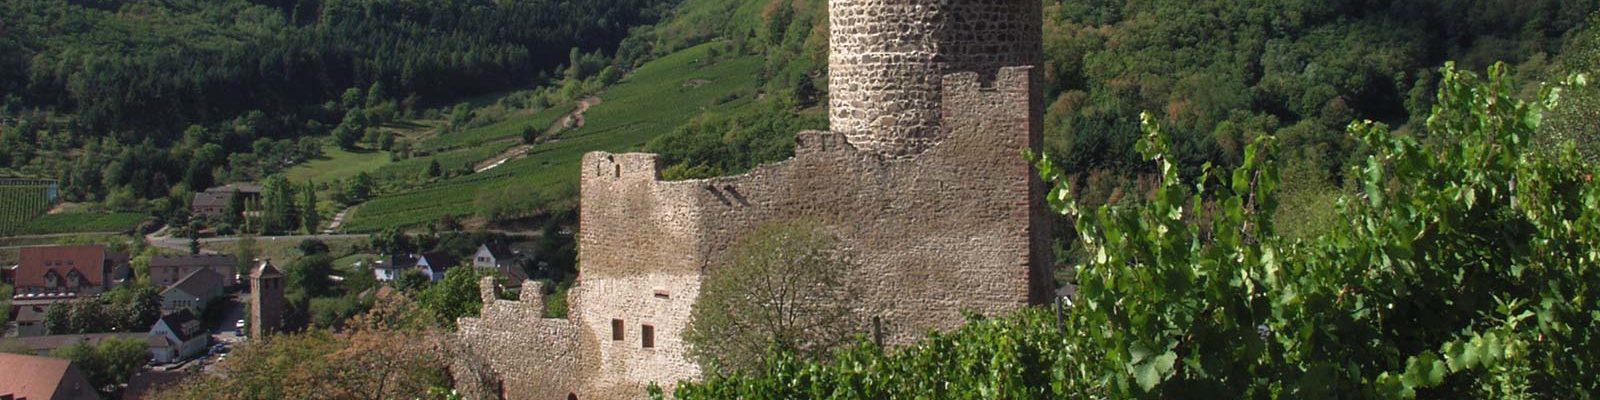 Ruines et remparts du Château de Kaysersberg